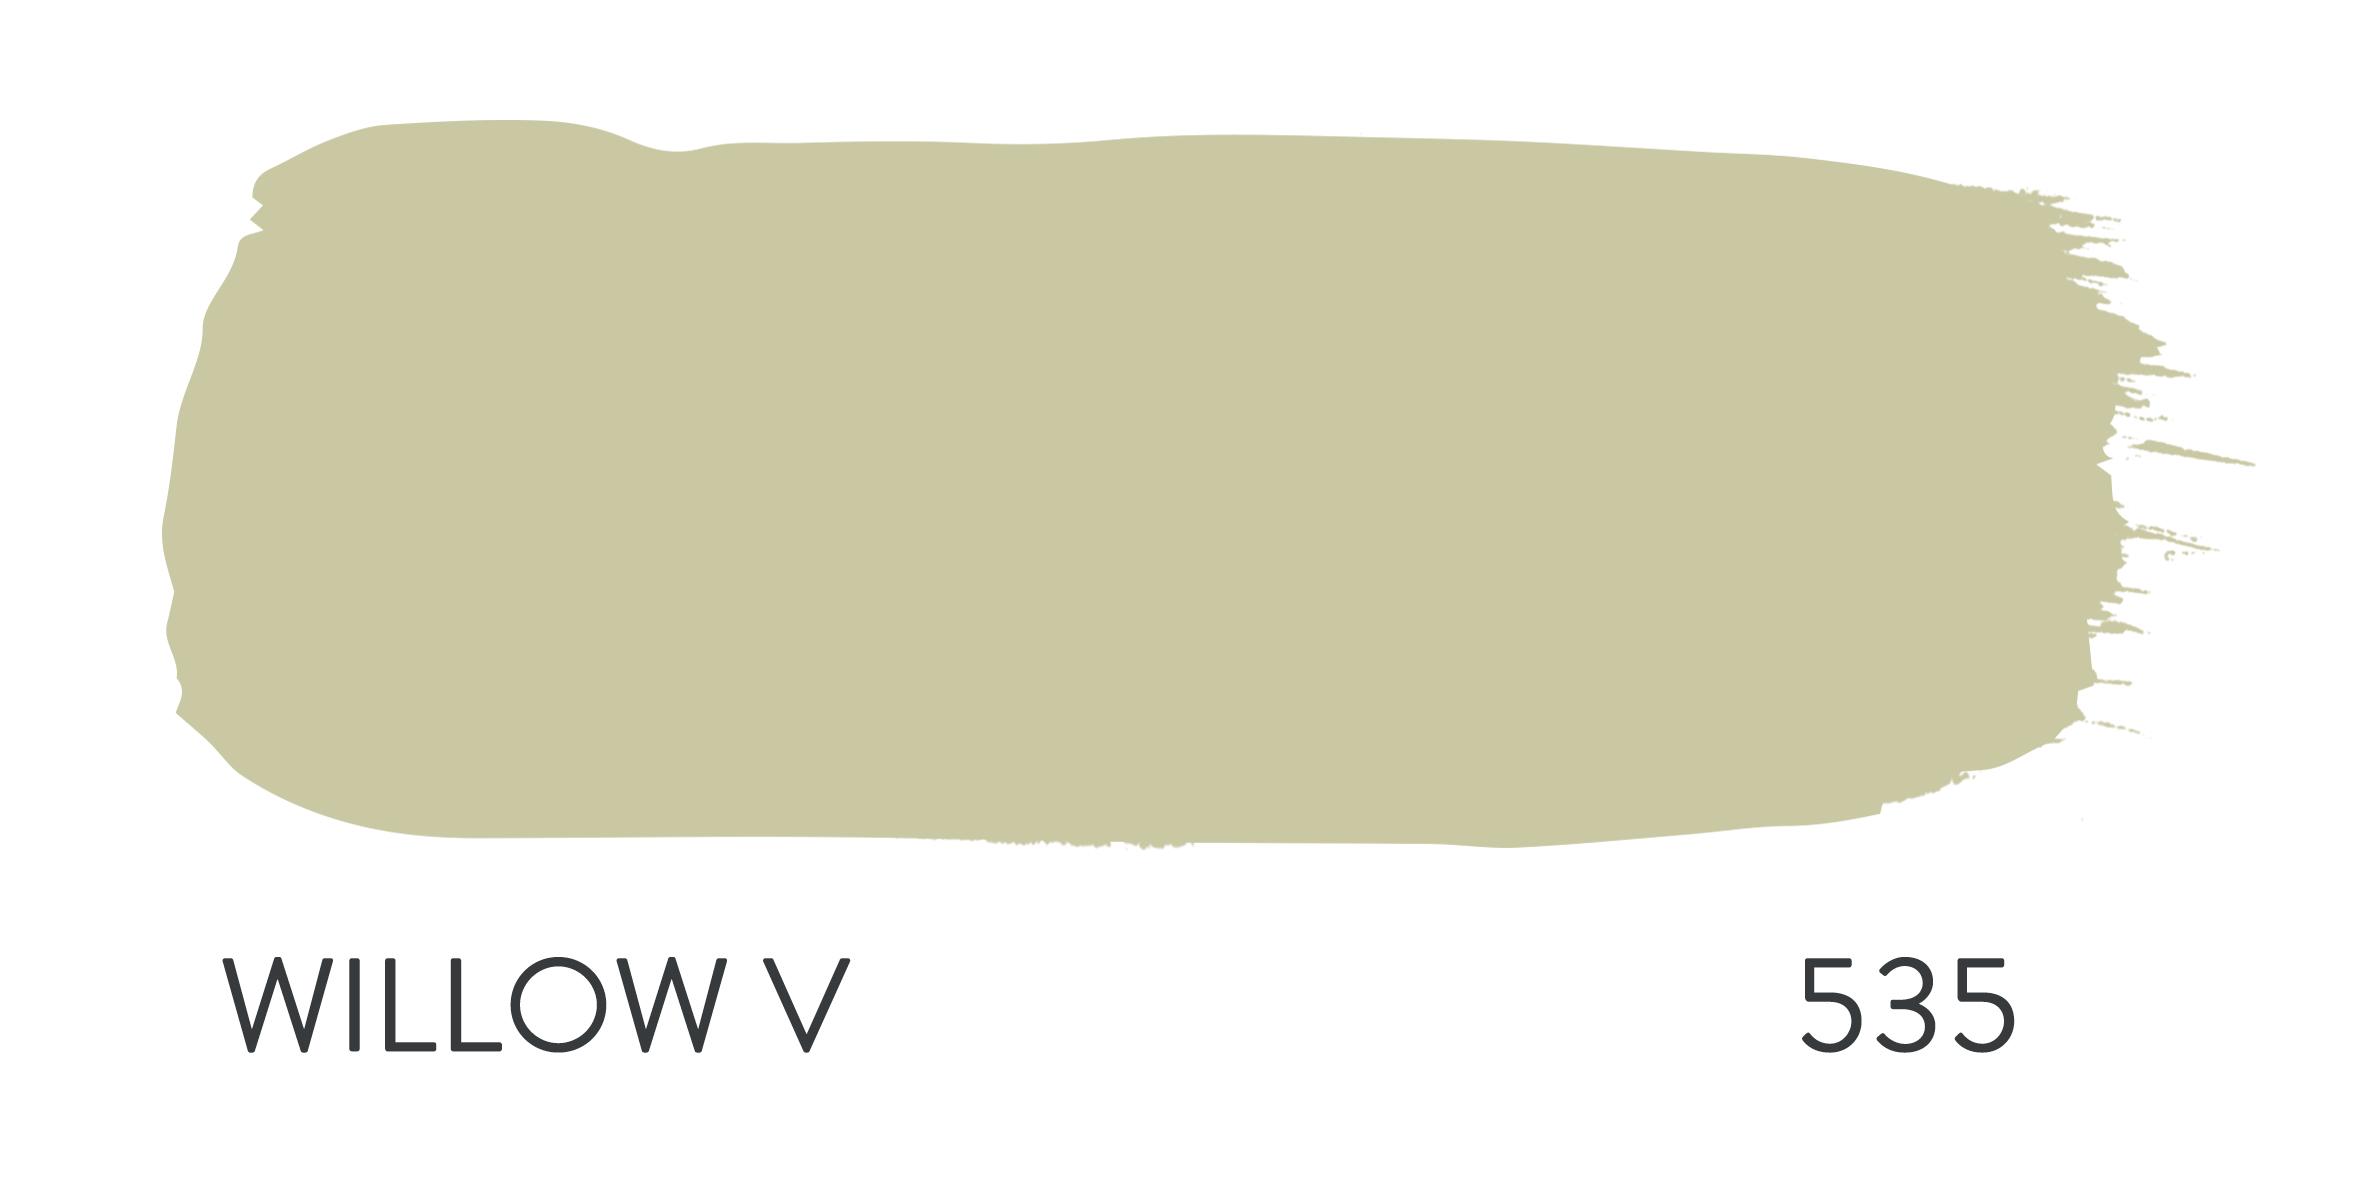 WILLOW V 535.jpg